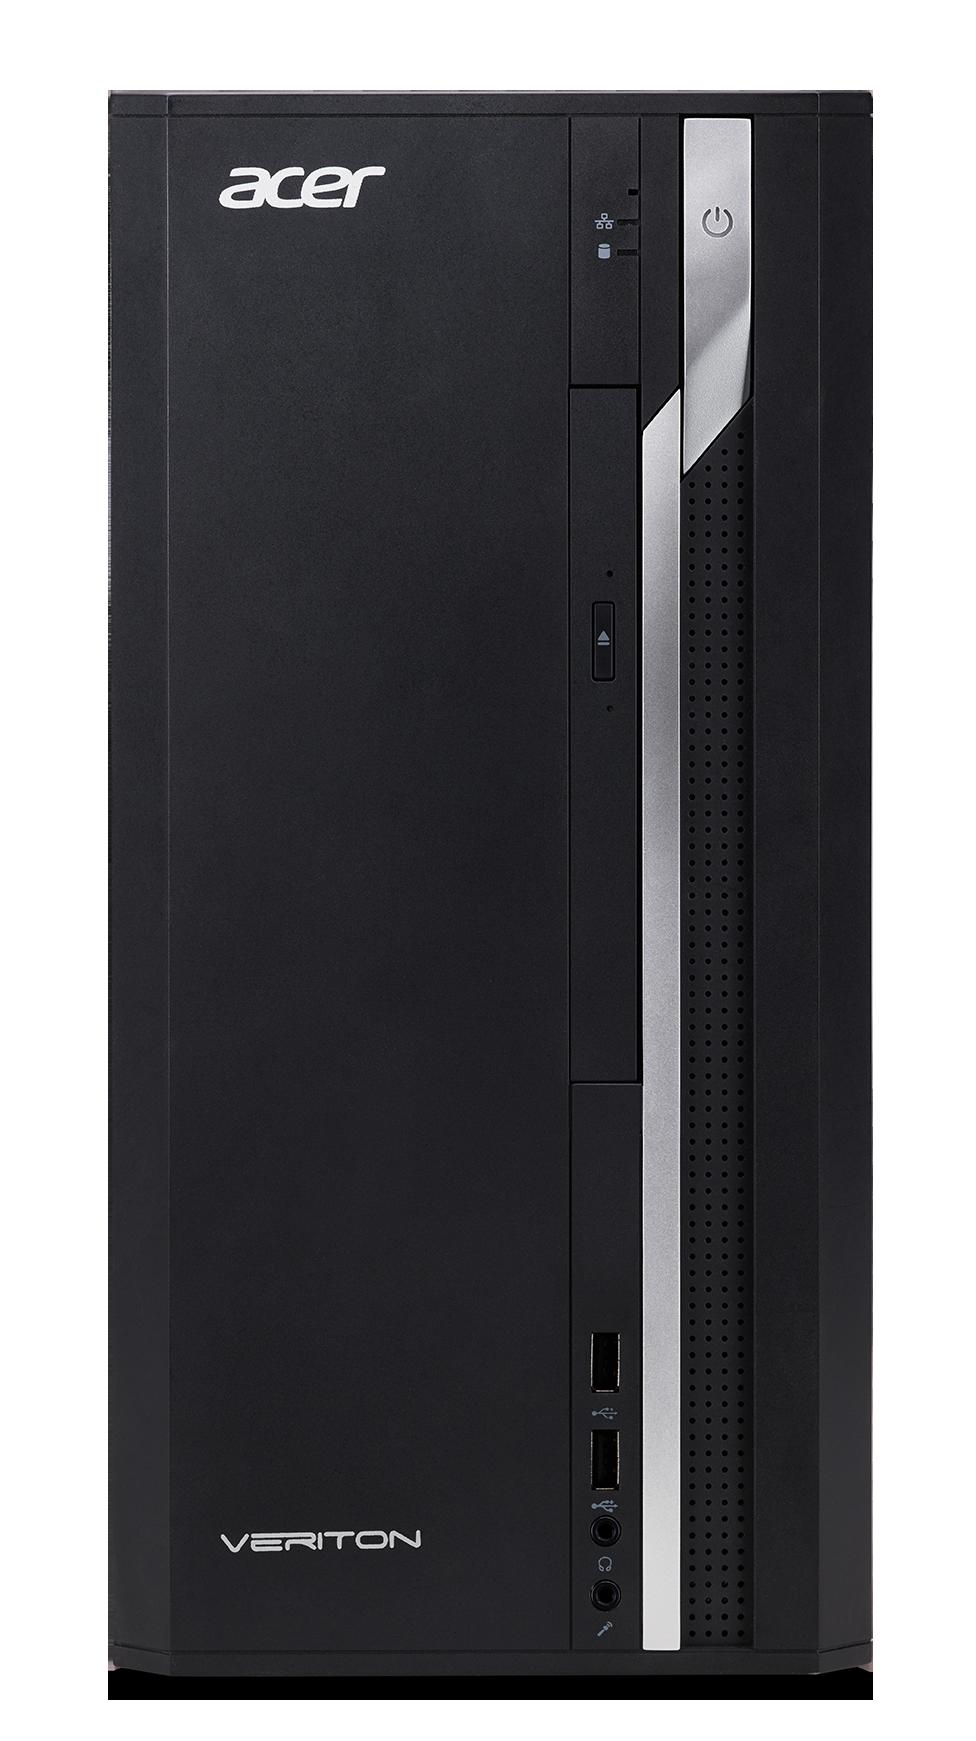 Acer Veriton E (VES2710G) - i5-6400/4G/1TB/DVD/W10Pro